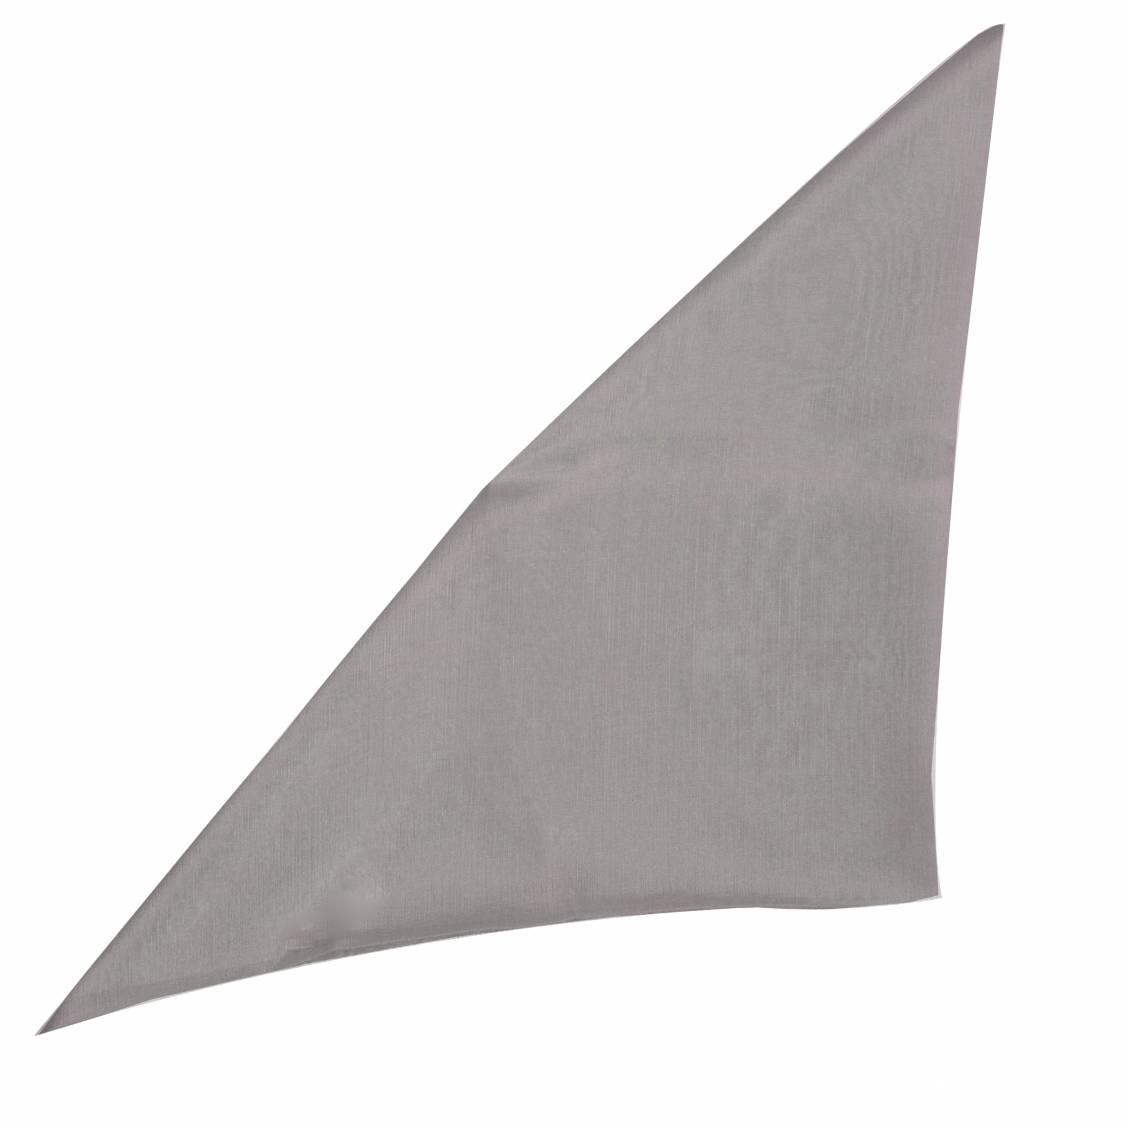 Pochette en soie gris anthracite pour costume